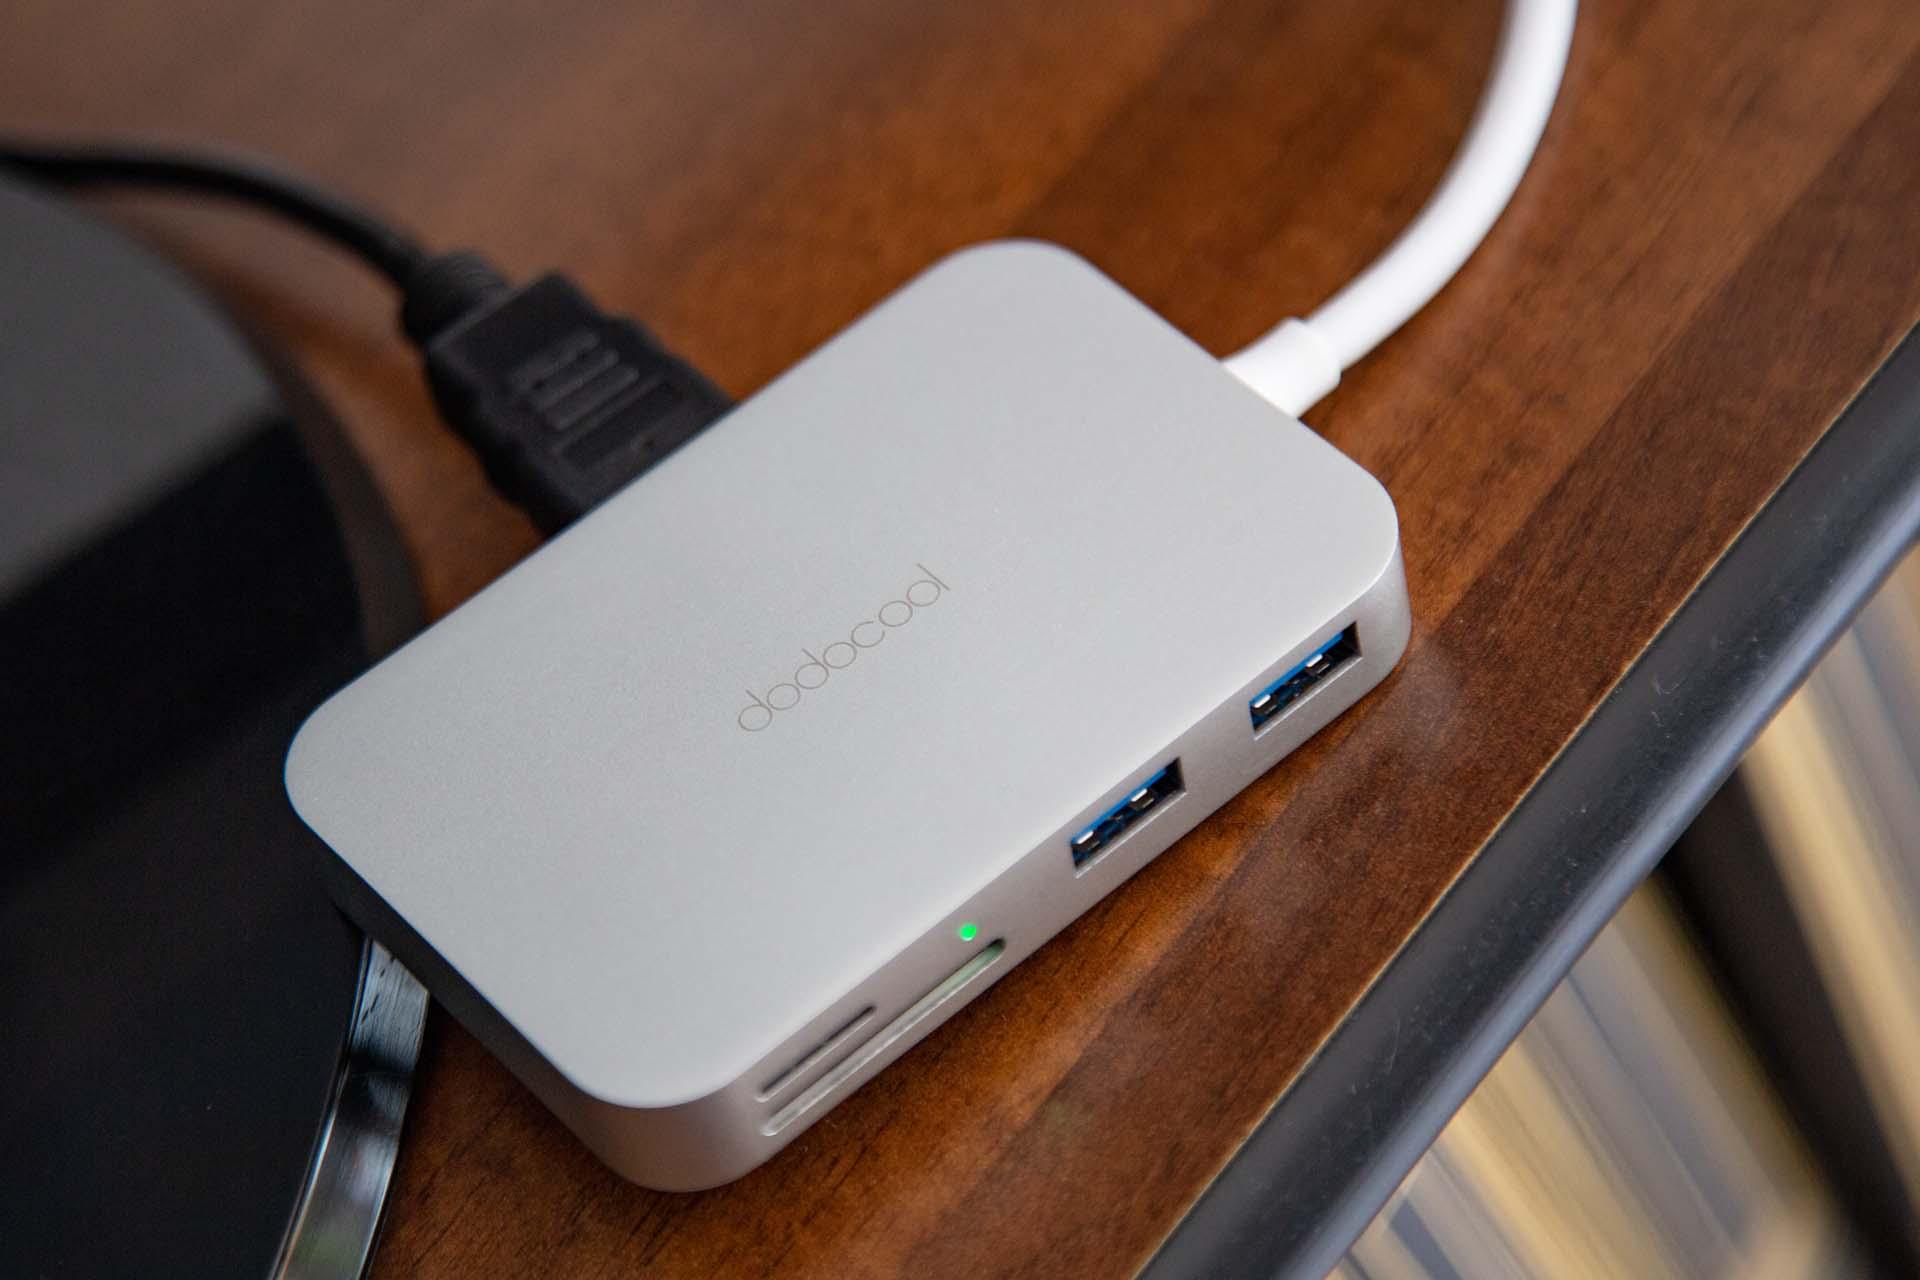 dodocool USB Type-C hub